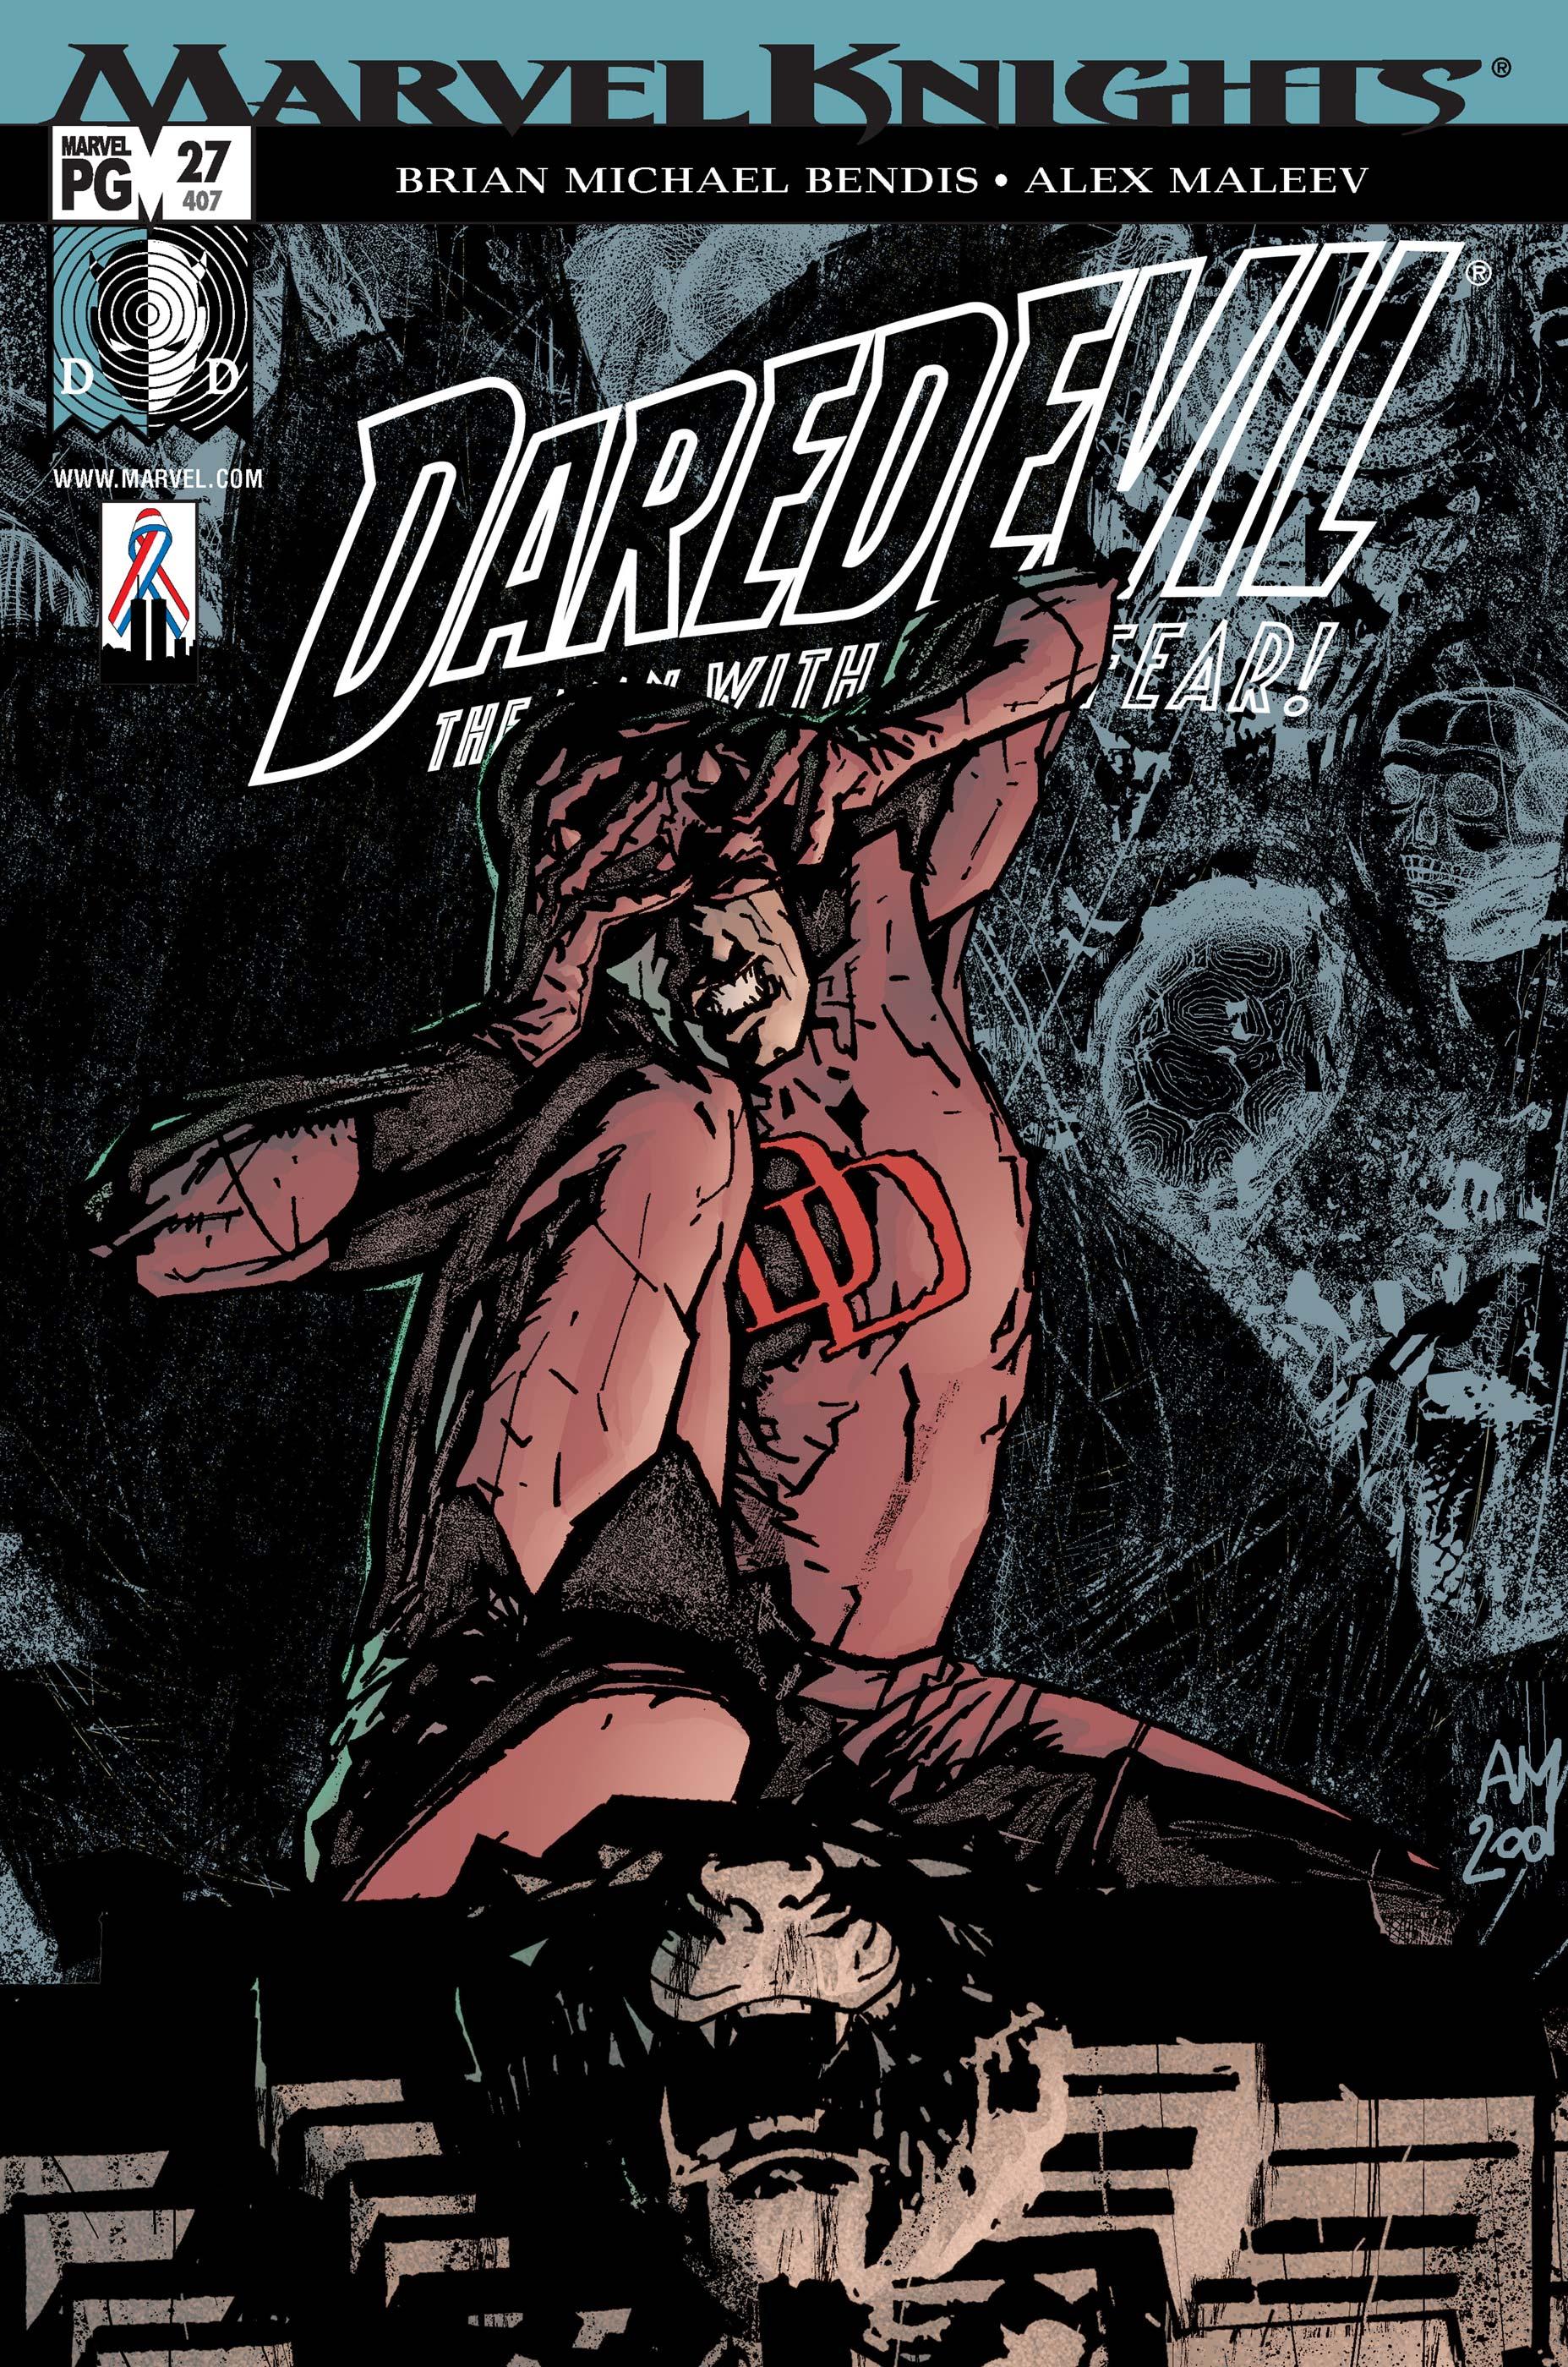 Daredevil (1998) #27